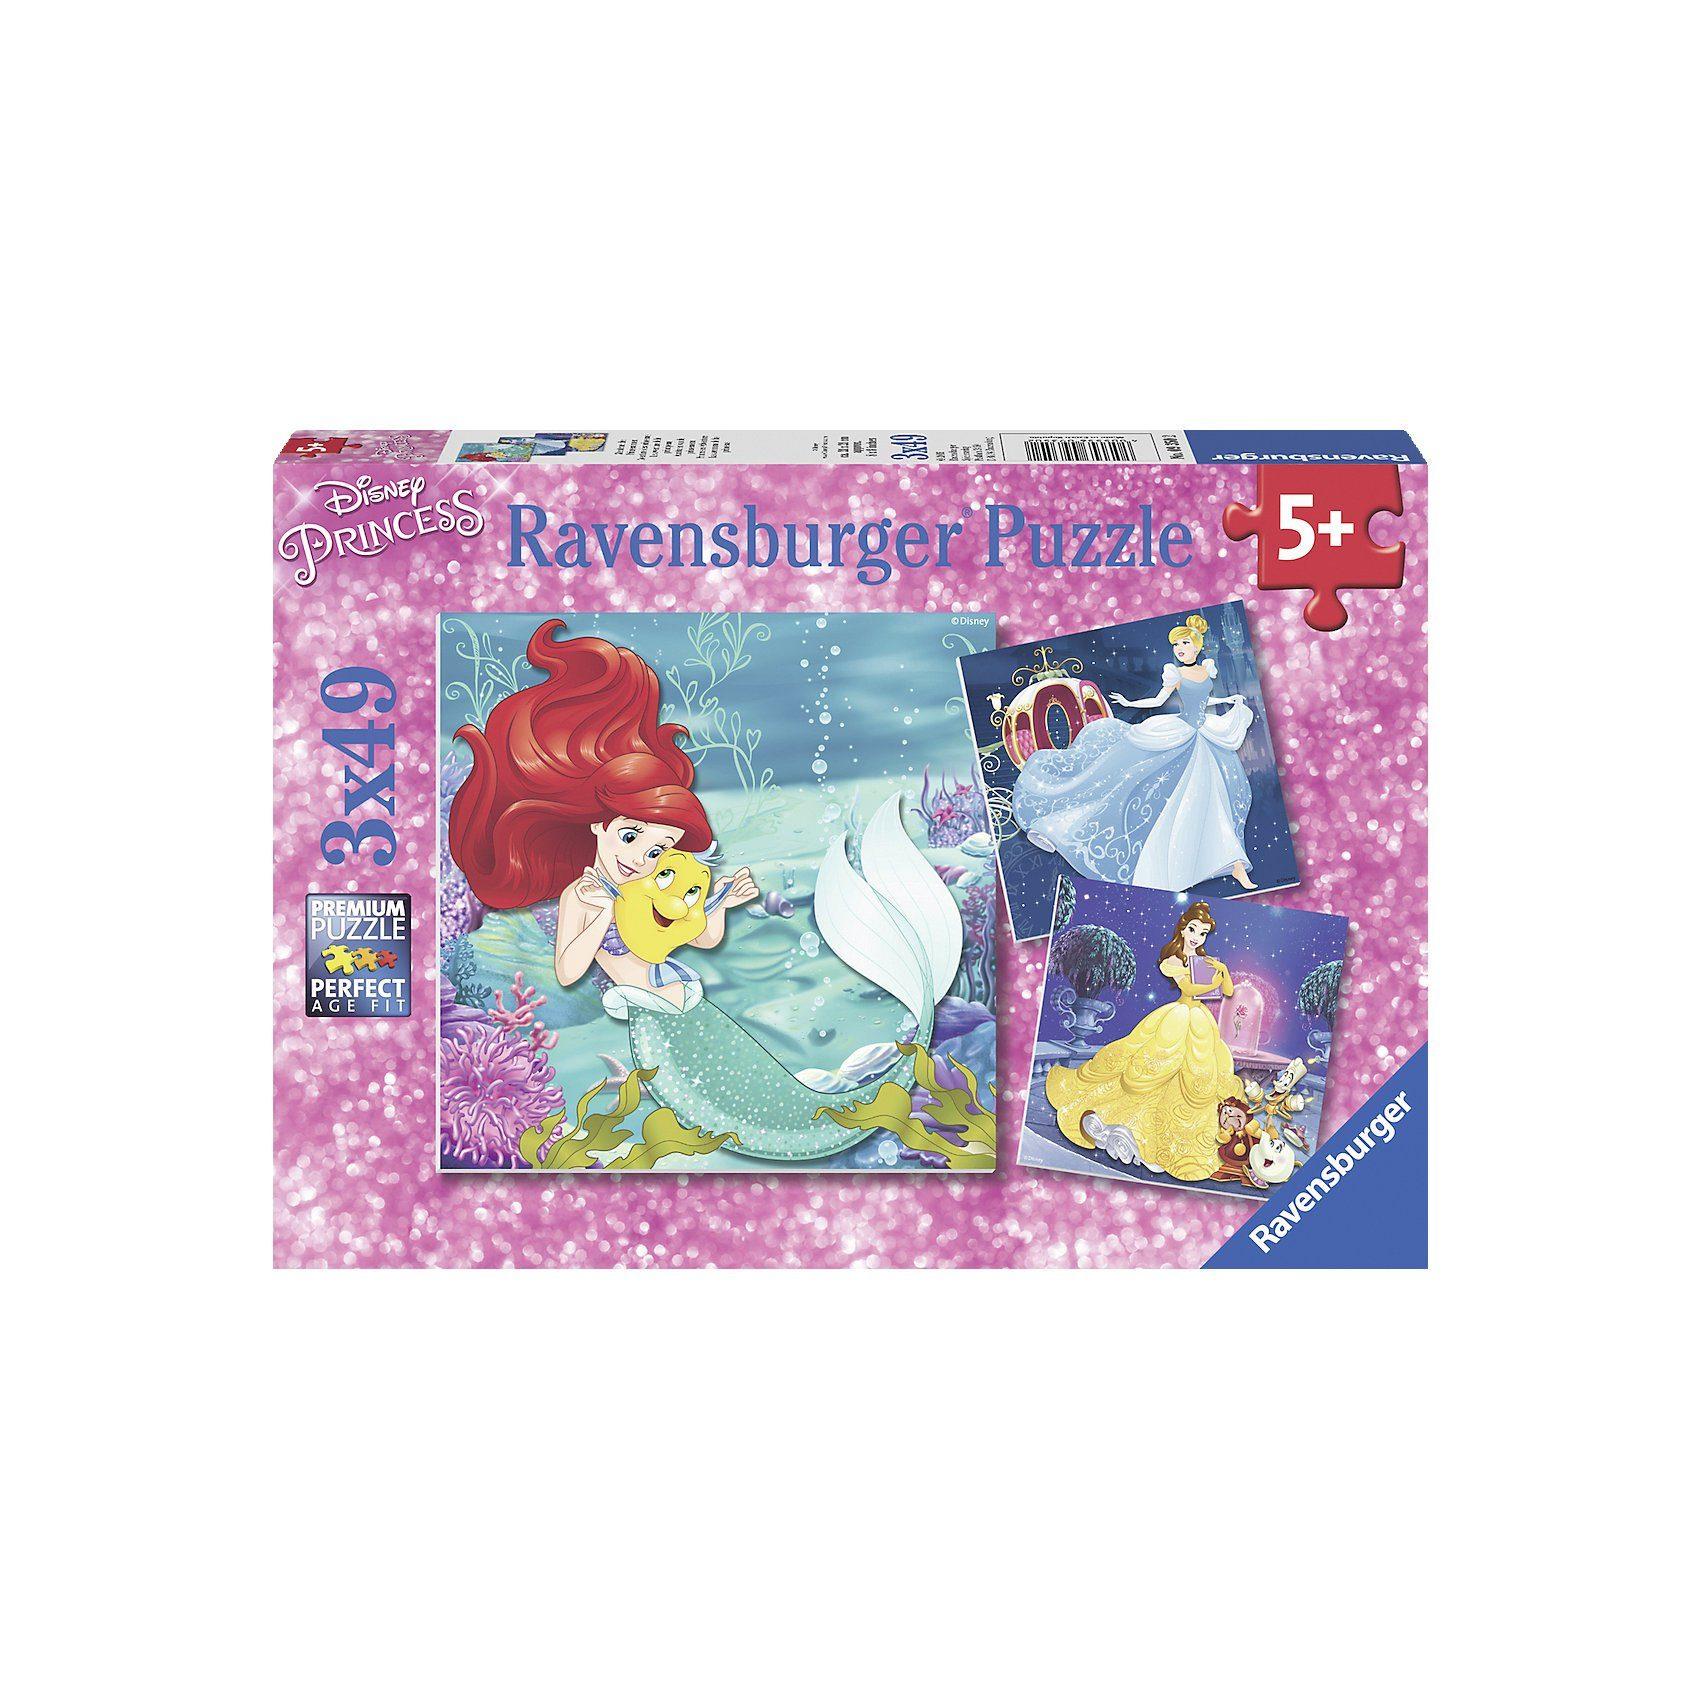 Ravensburger Puzzle Disney Princess: Abenteuer der Prinzessinnen 3 x 49 T